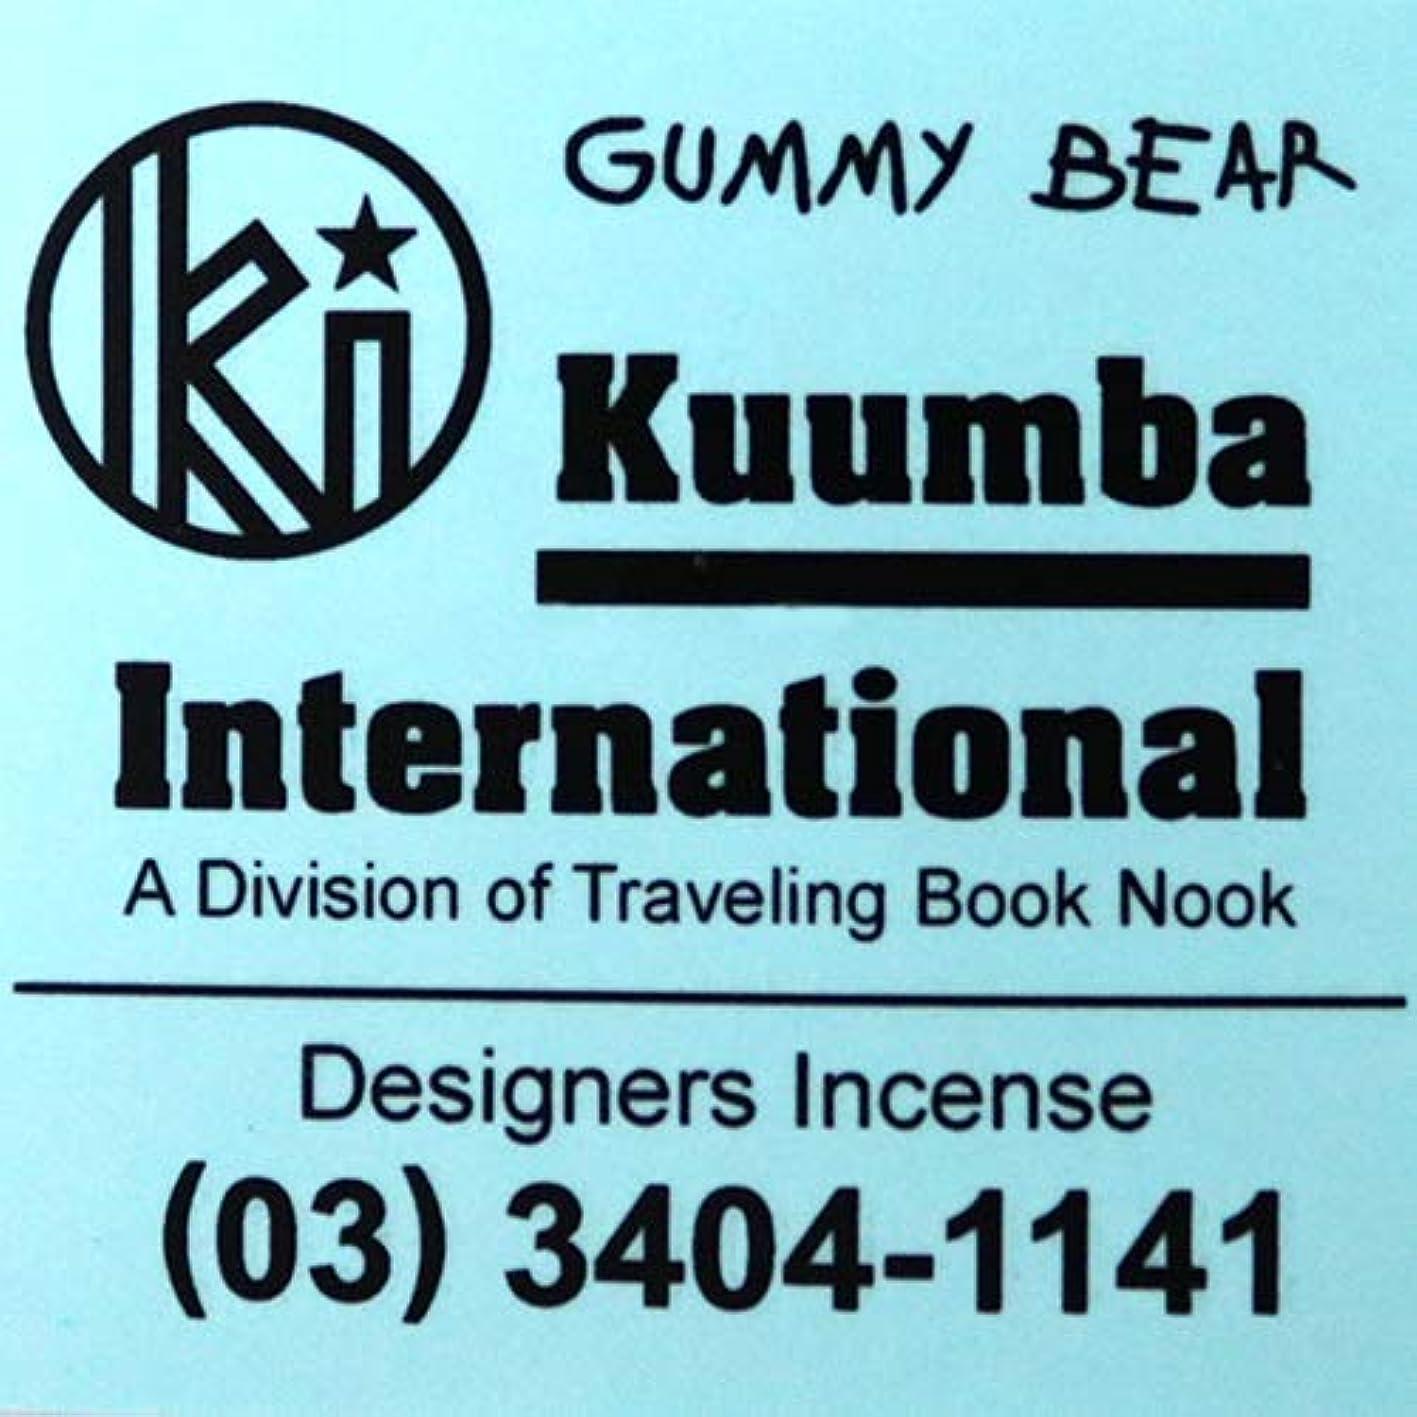 (クンバ) KUUMBA『incense』(GUMMY BEAR) (GUMMY BEAR, Regular size)